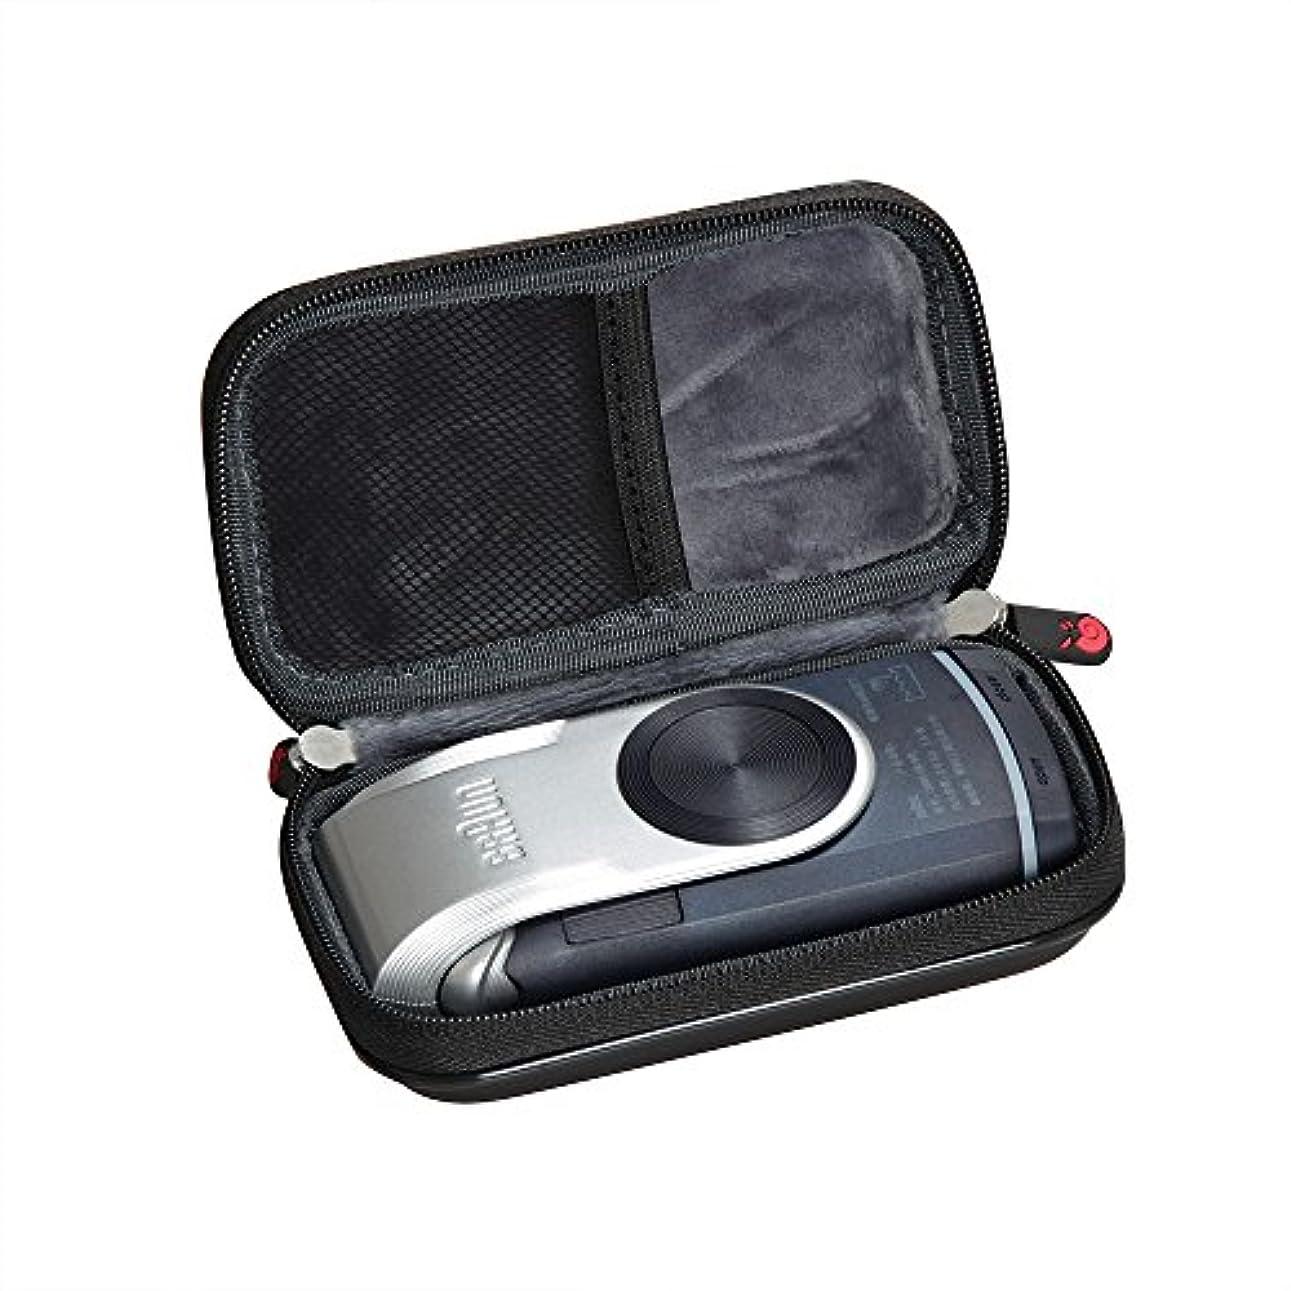 現代混合した肝Hermitshell 専用保護旅行収納キャリングケース完全対応 BRAUN M-90モバイルメンズ電気シェーバー